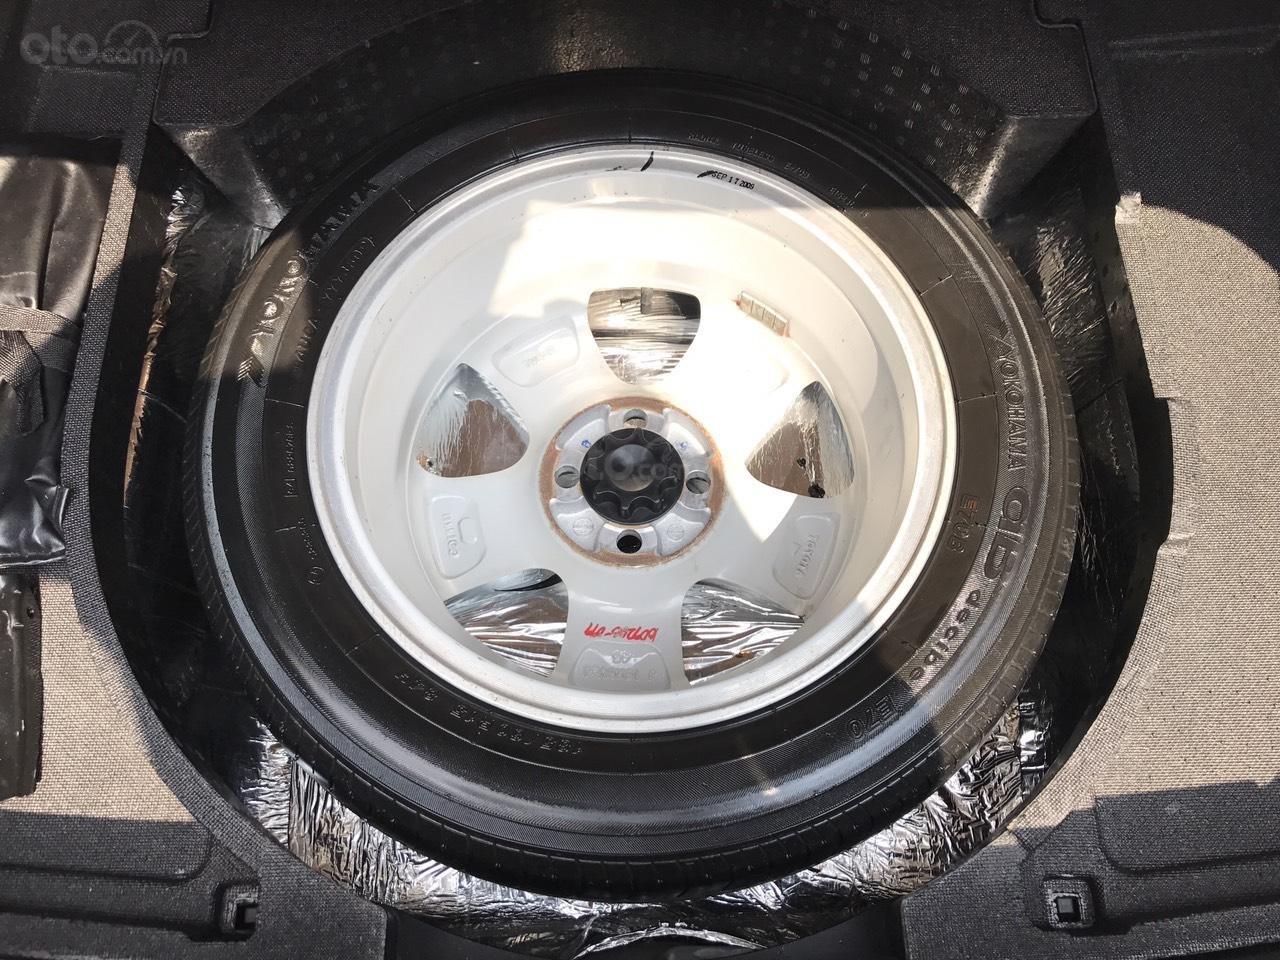 Bán xe Toyota Vios 1.5E đời 2010, màu bạc, nói không với lỗi nhỏ taxi, động chạm máy móc (24)